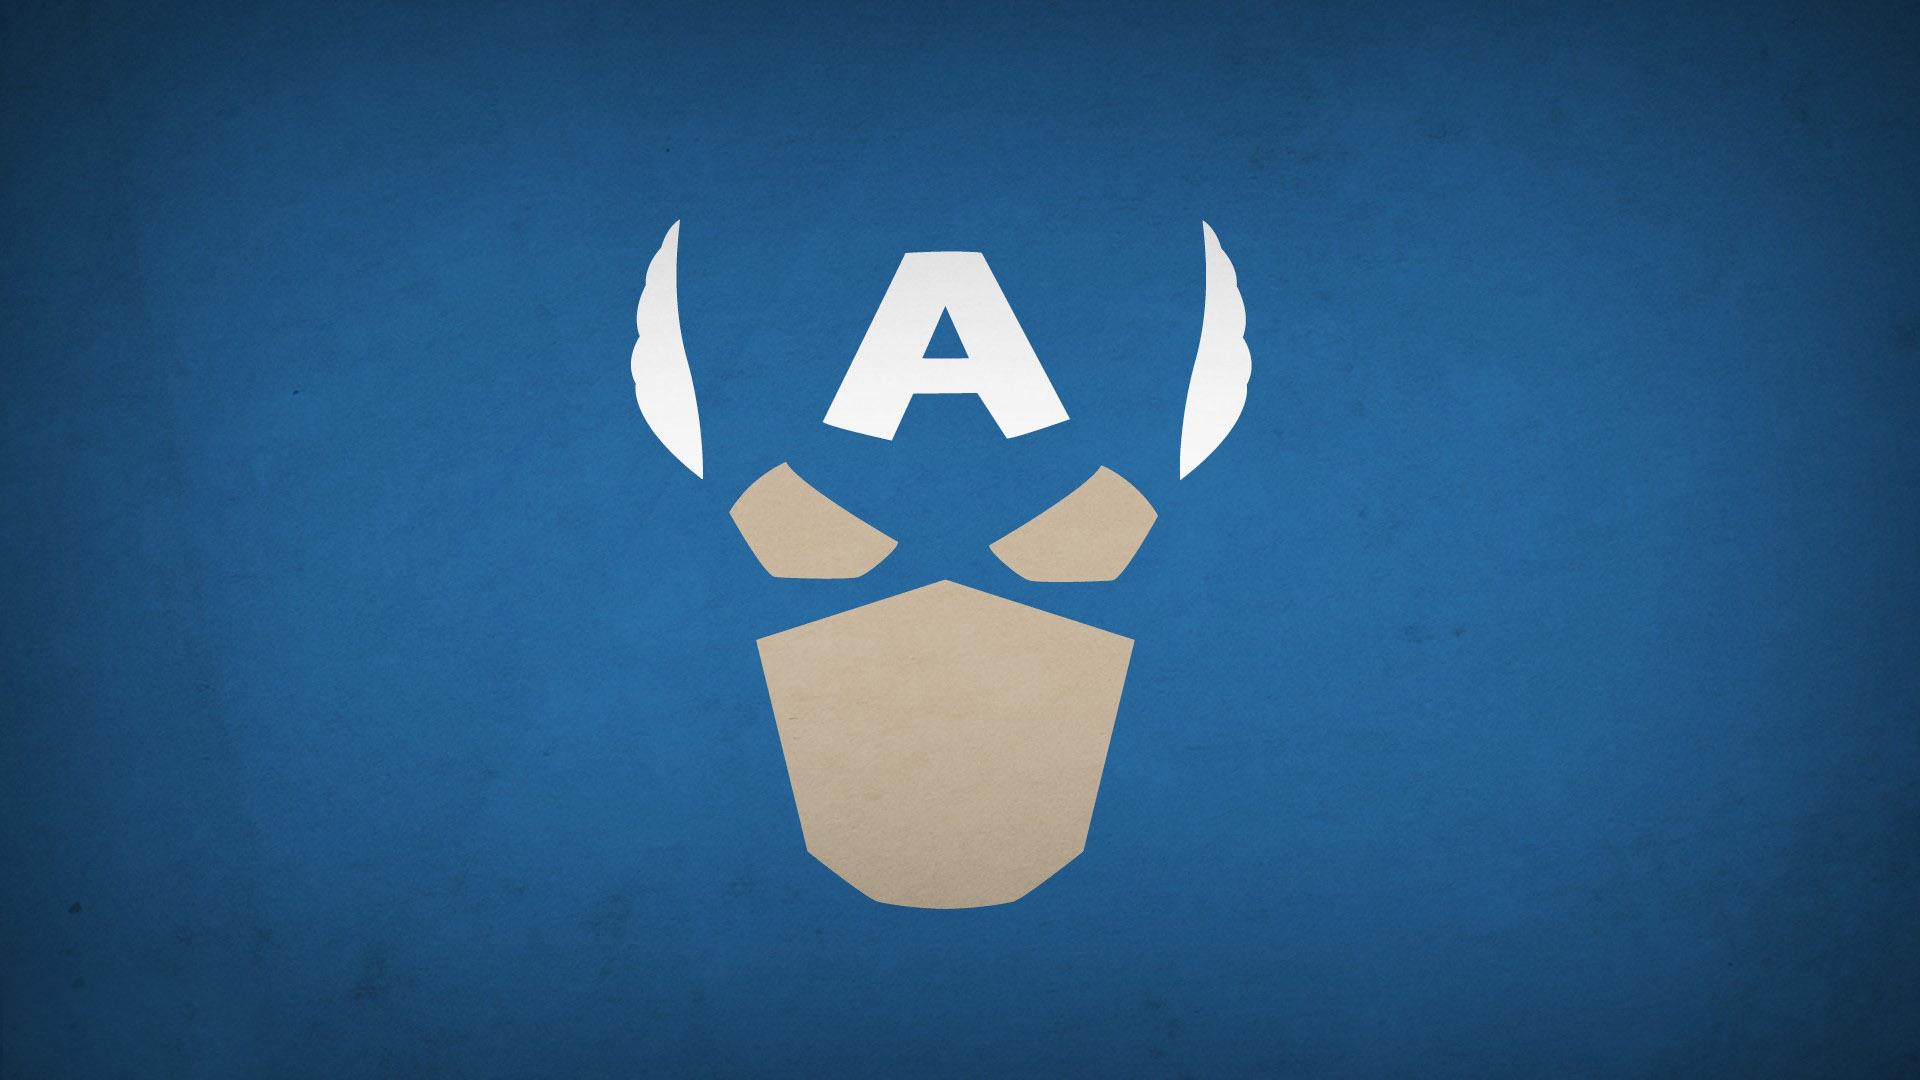 captain america wallpaper for desktop1 10 1920x1080